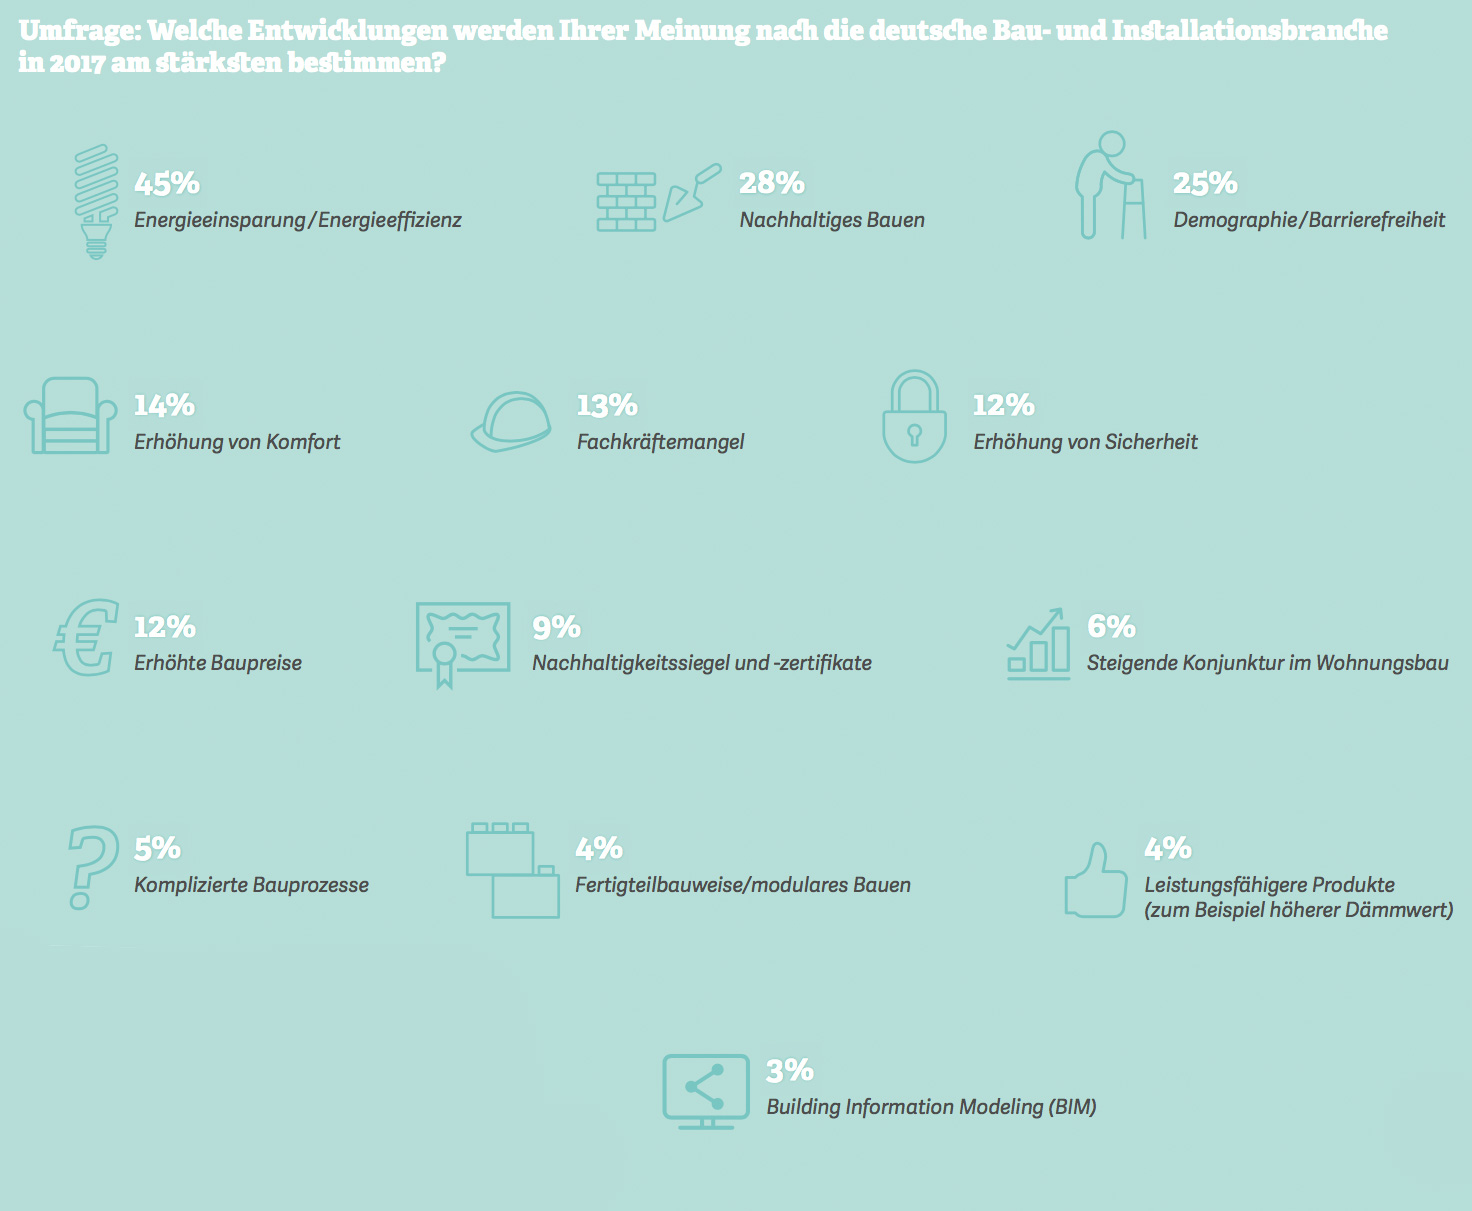 Grafik: Welche Entwicklungen werden Ihrer Meinung nach die deutsche Bau- und Installationsbranche  in 2017 am stärksten bestimmen?Quelle: BauInfoConsult, 2017